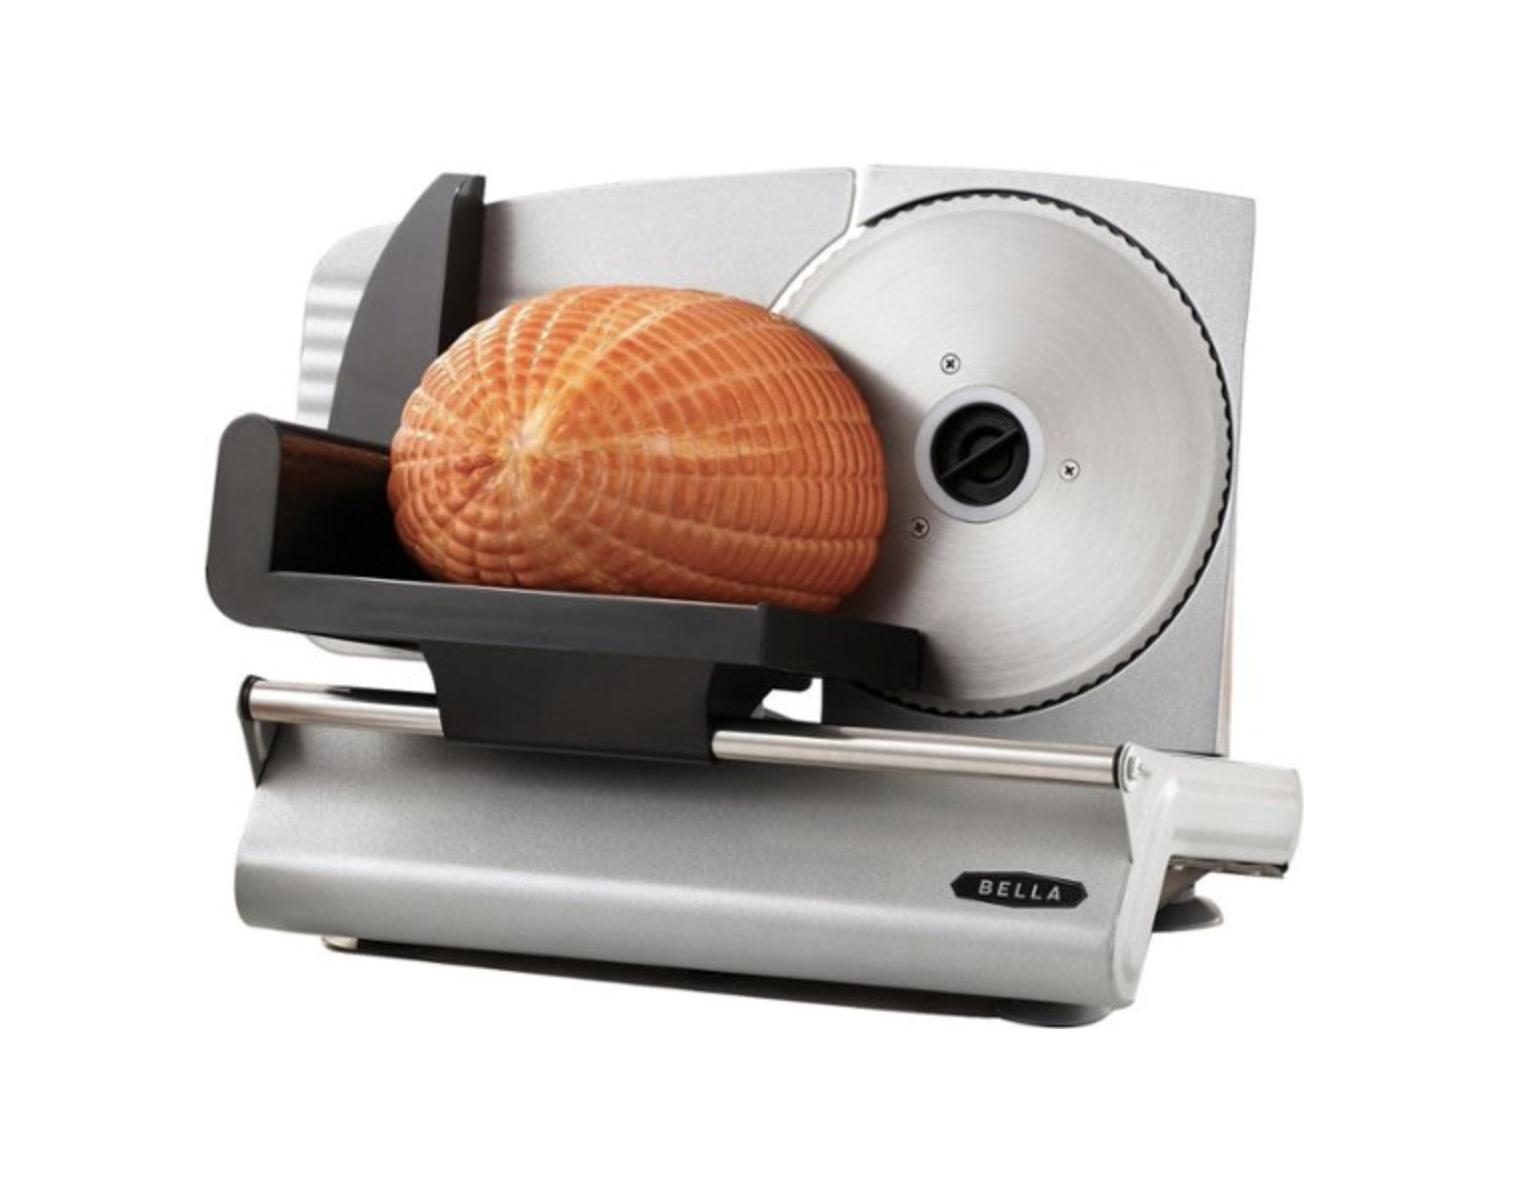 Best Buy: Bella Electric food slicer for .99